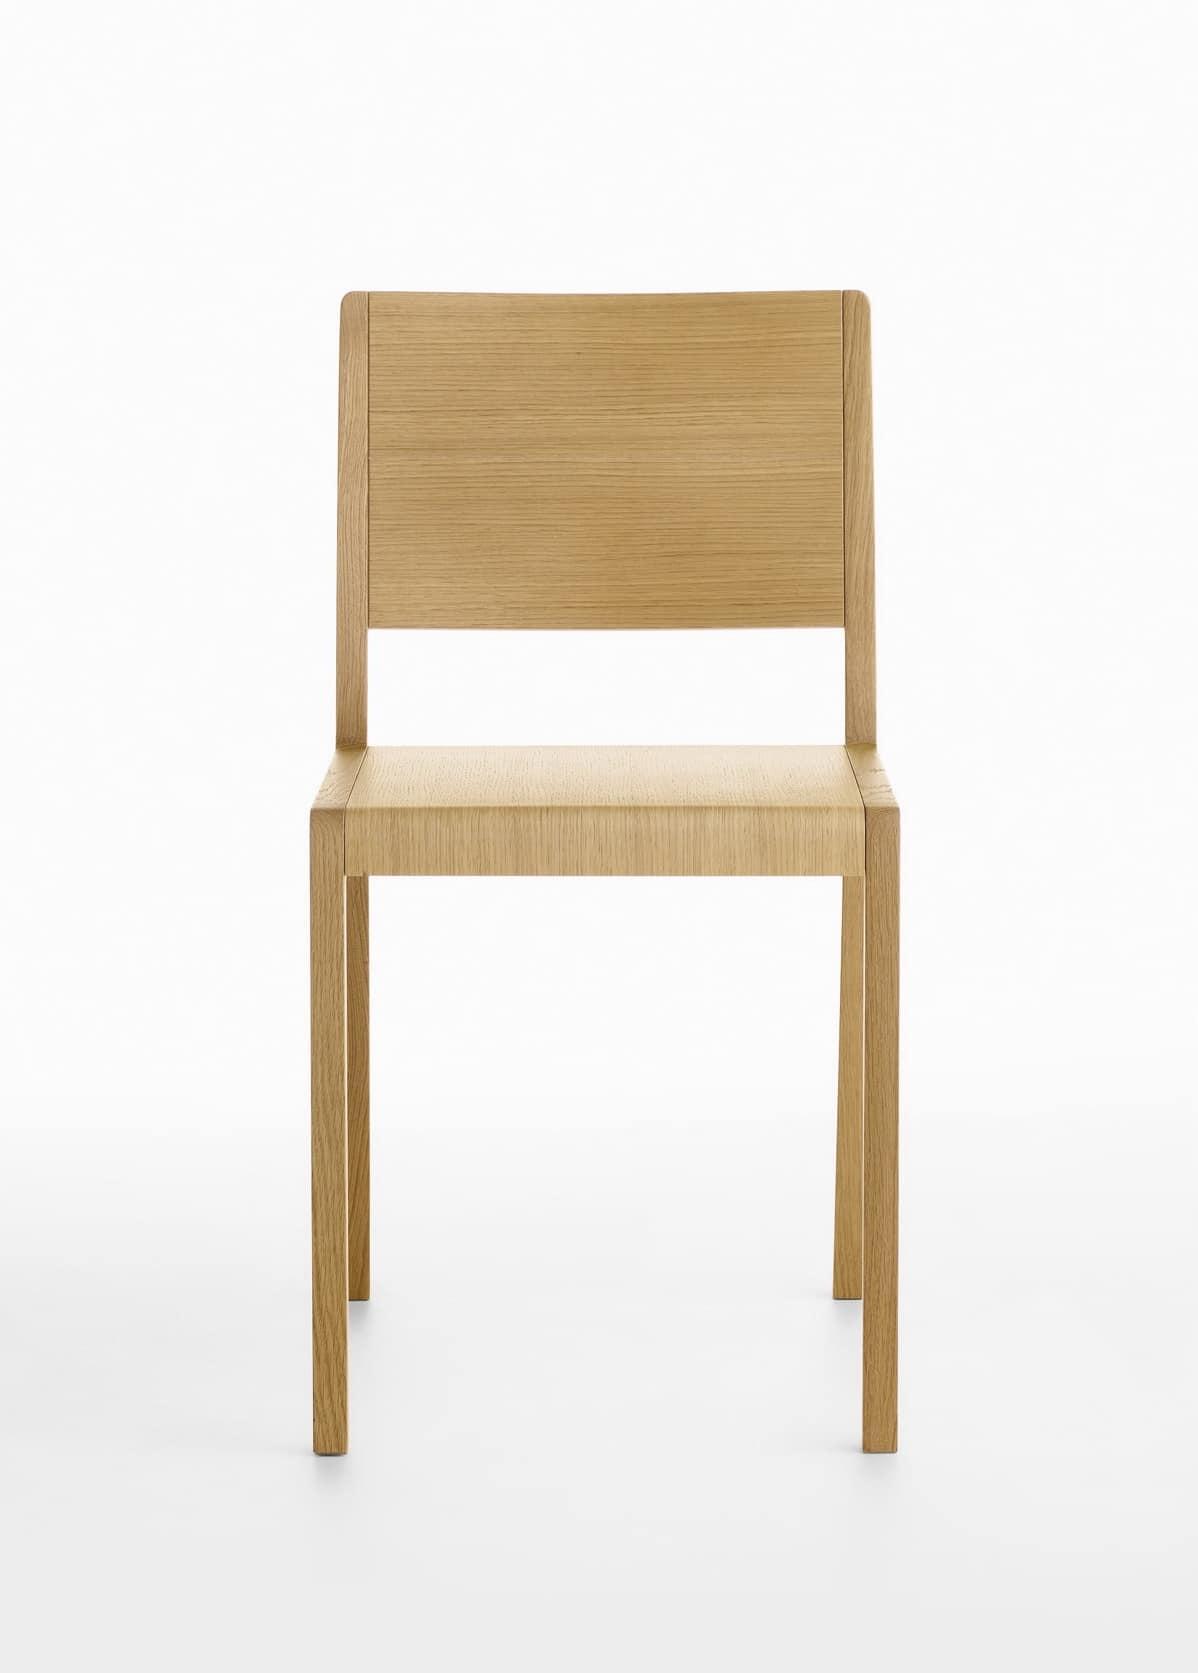 designer stuhl aus massivholz abgerundete kanten idfdesign. Black Bedroom Furniture Sets. Home Design Ideas